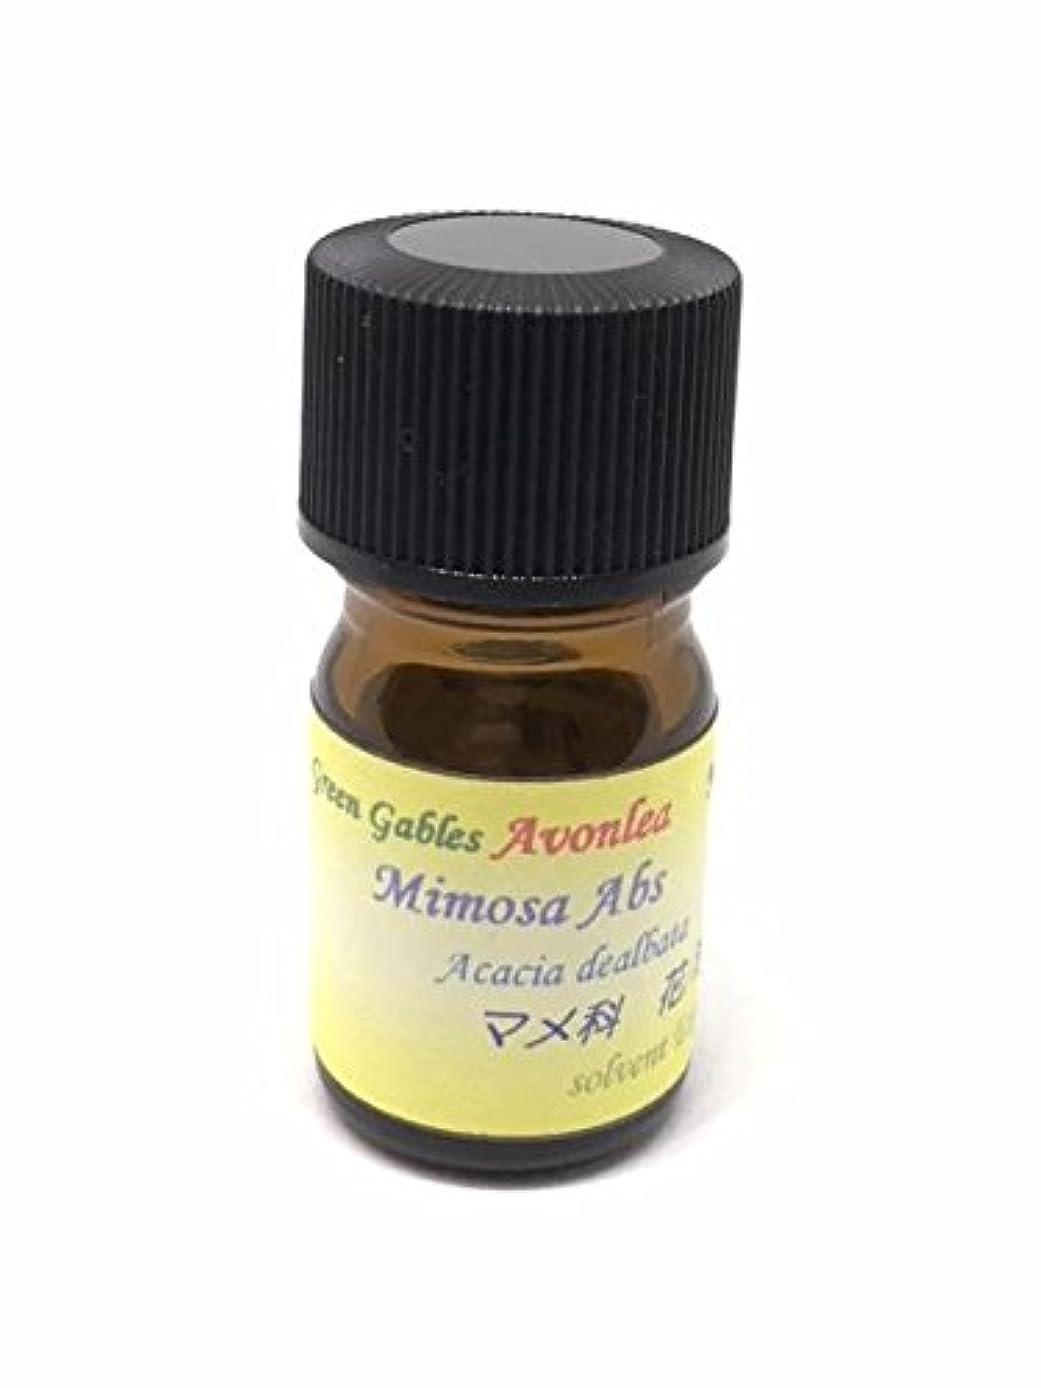 考慮エレクトロニックシャッフルミモサAbs ピュアエッセンシャルオイル mimosaAbs (30ml)